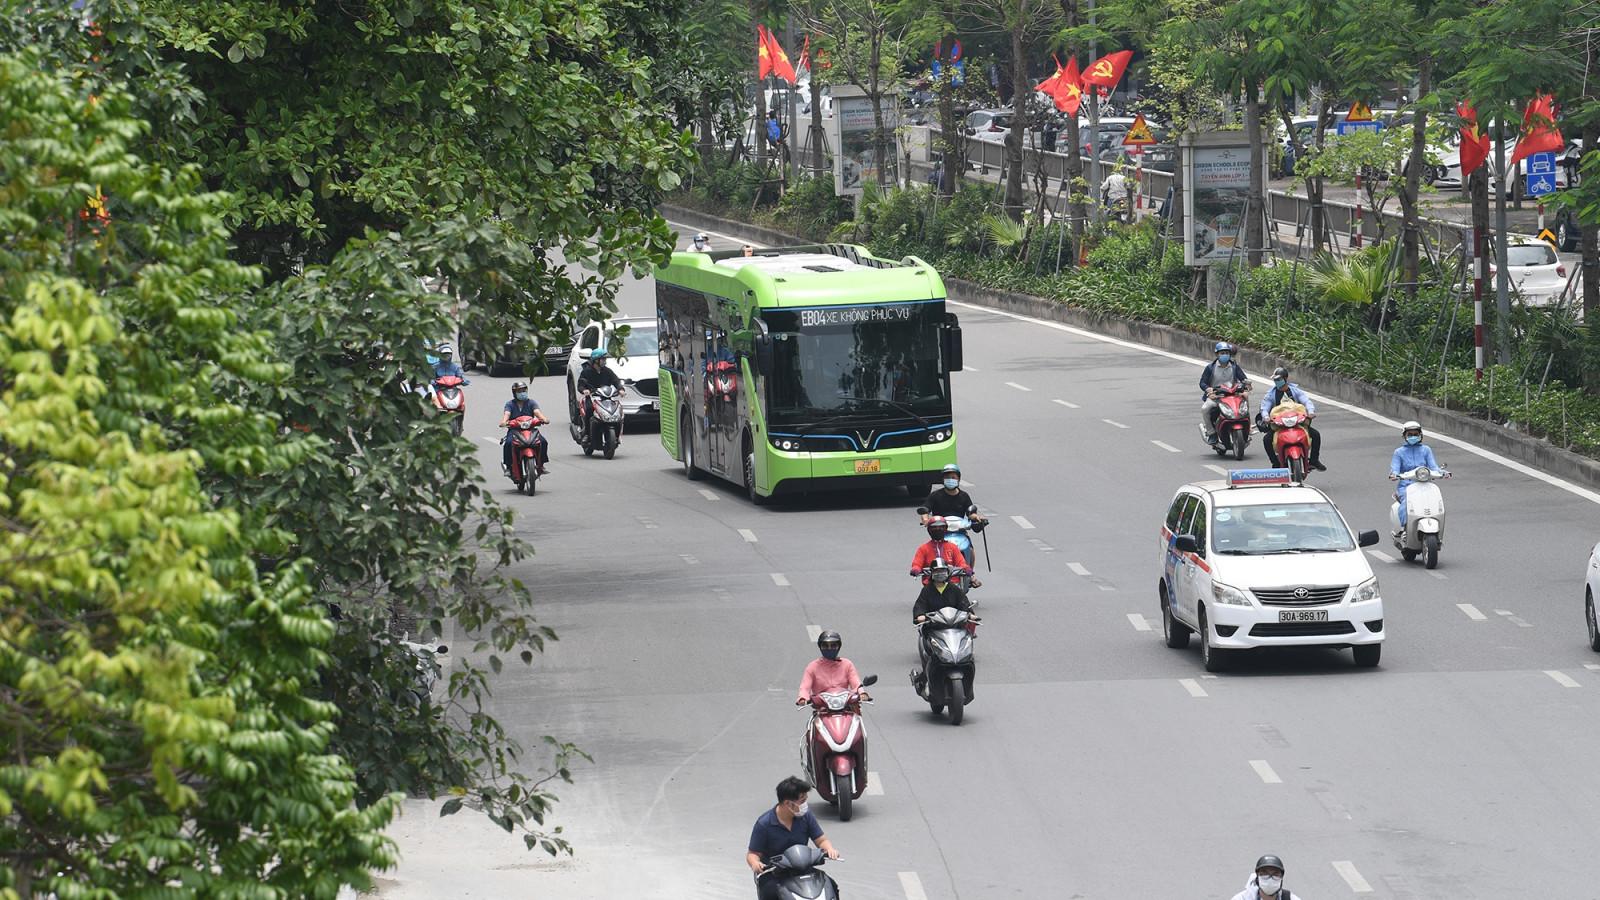 Xe buýt điện thông minh VinBus có thể sẽ kết nối với vận tải công cộng chung của thành phố.